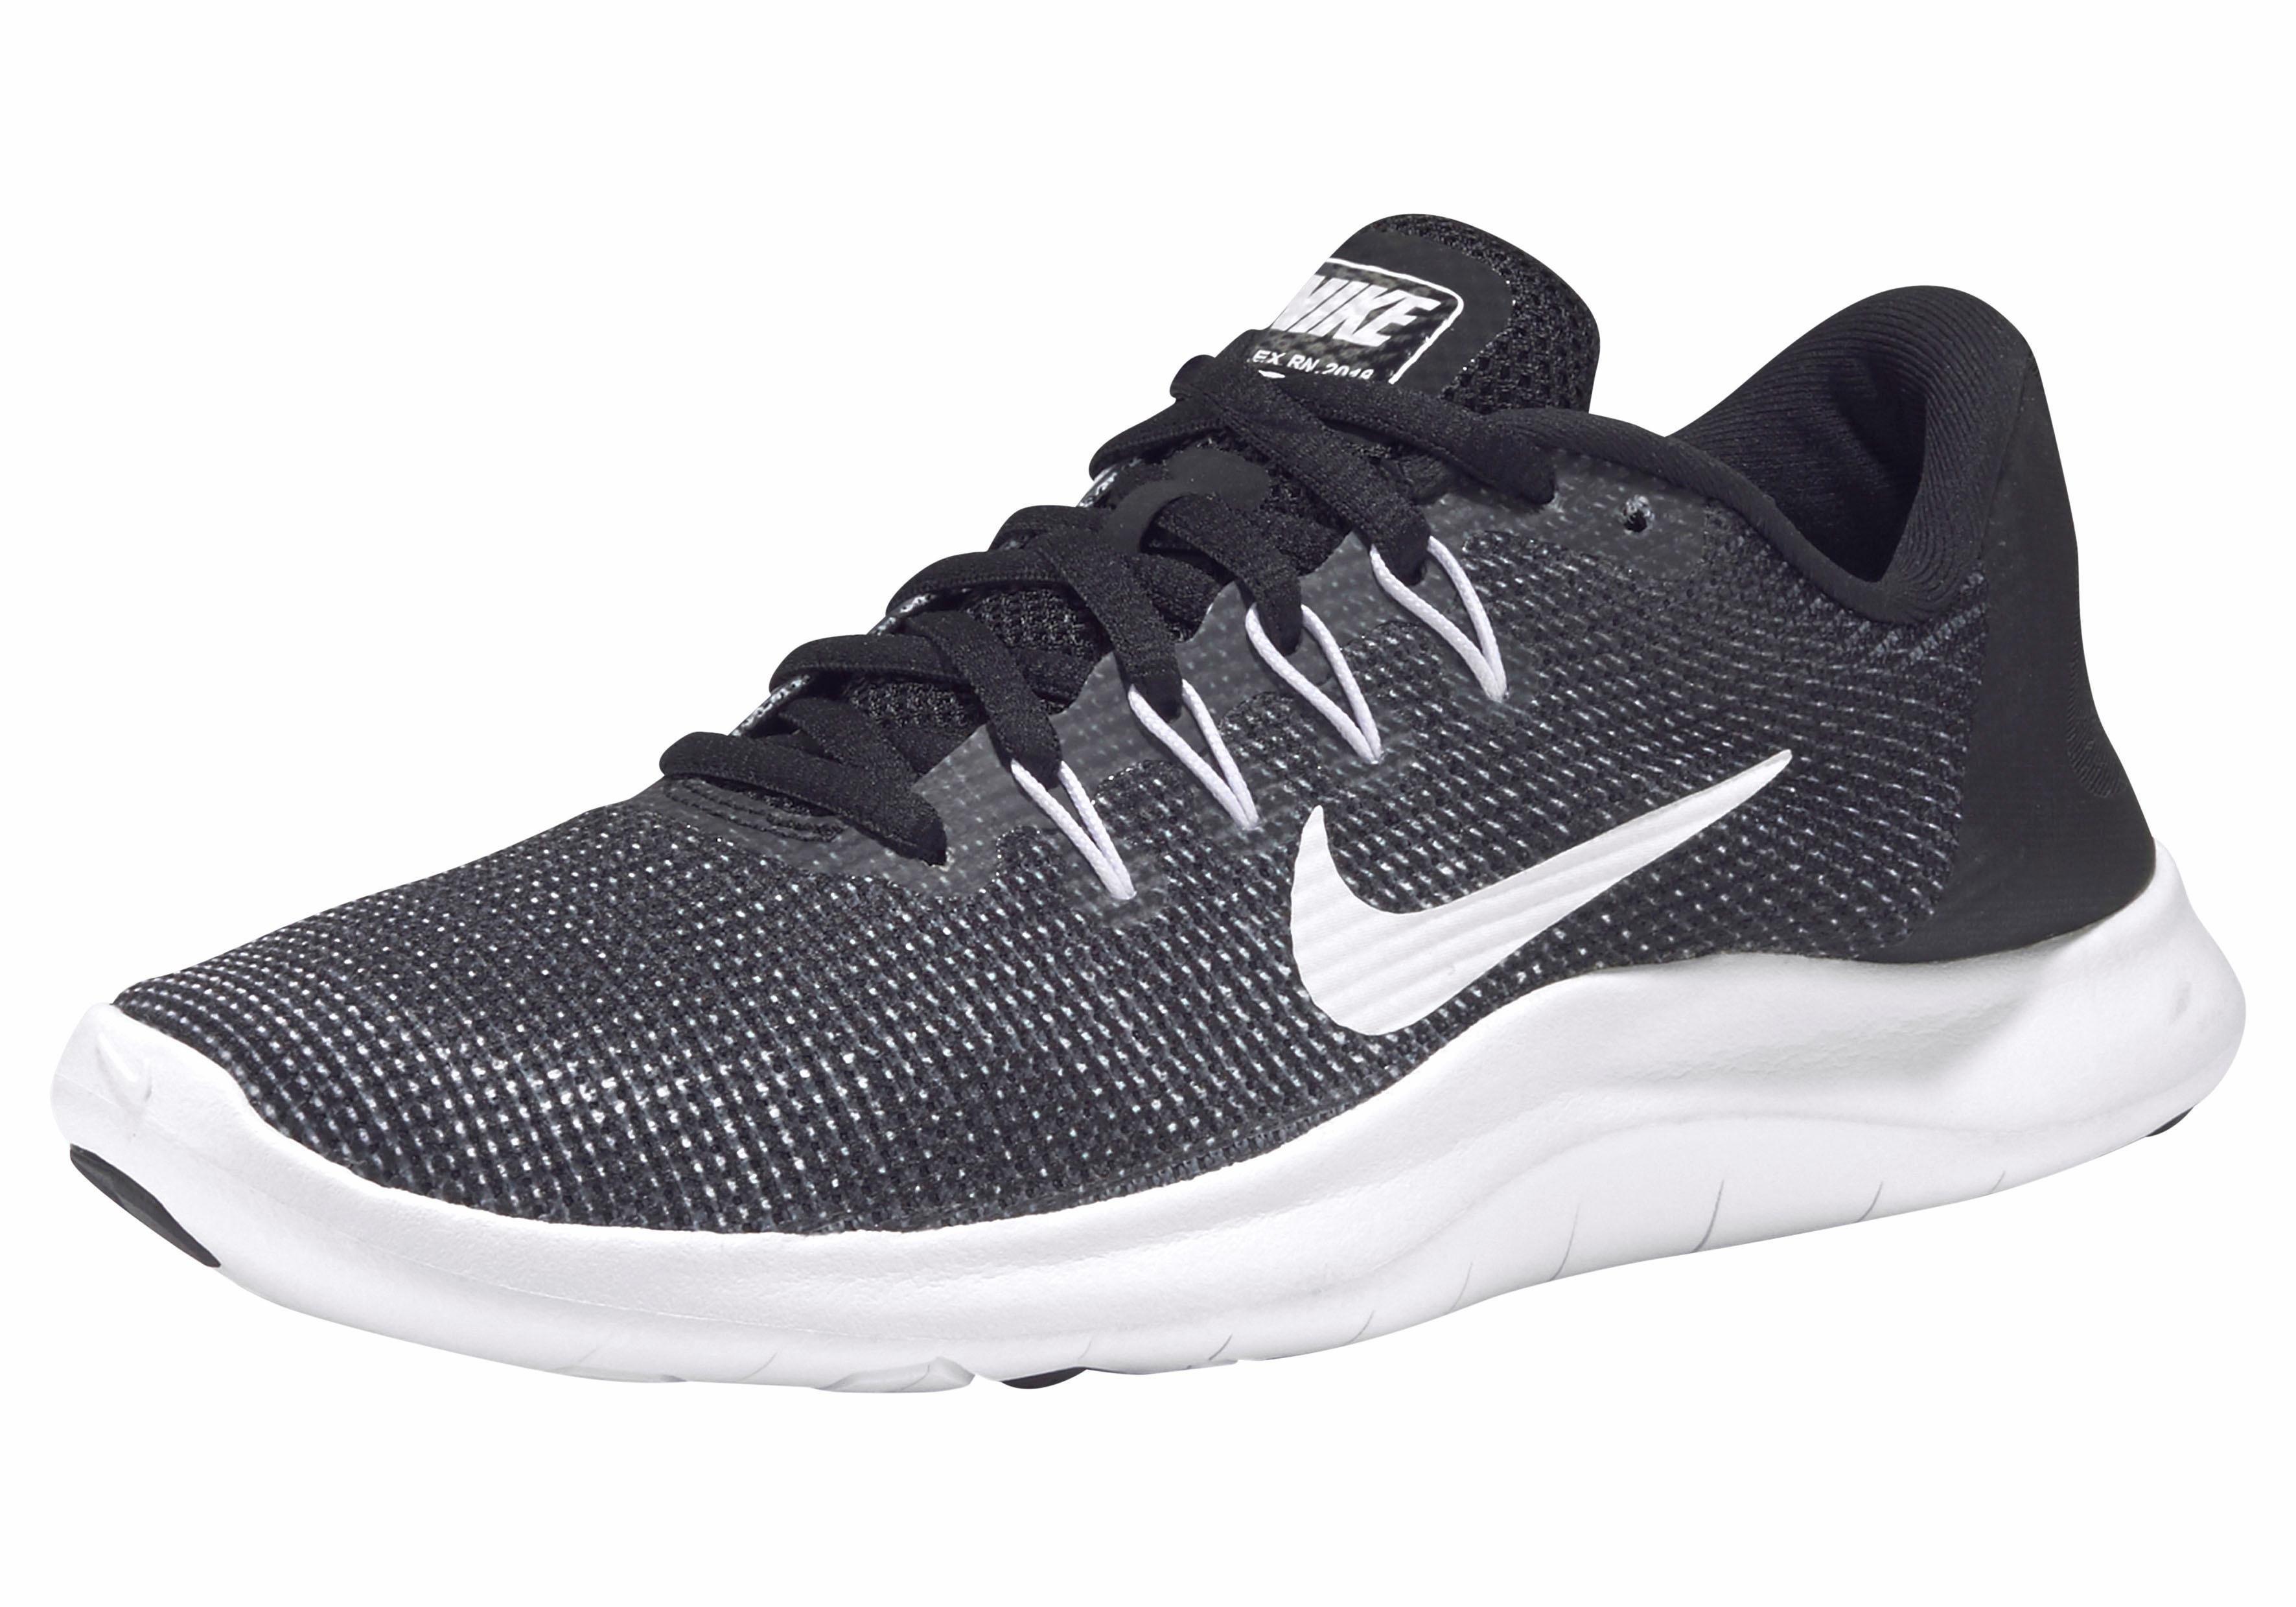 de0ea0a5635 Nike runningschoenen »Wmns Flex Run 2018« nu online kopen | OTTO